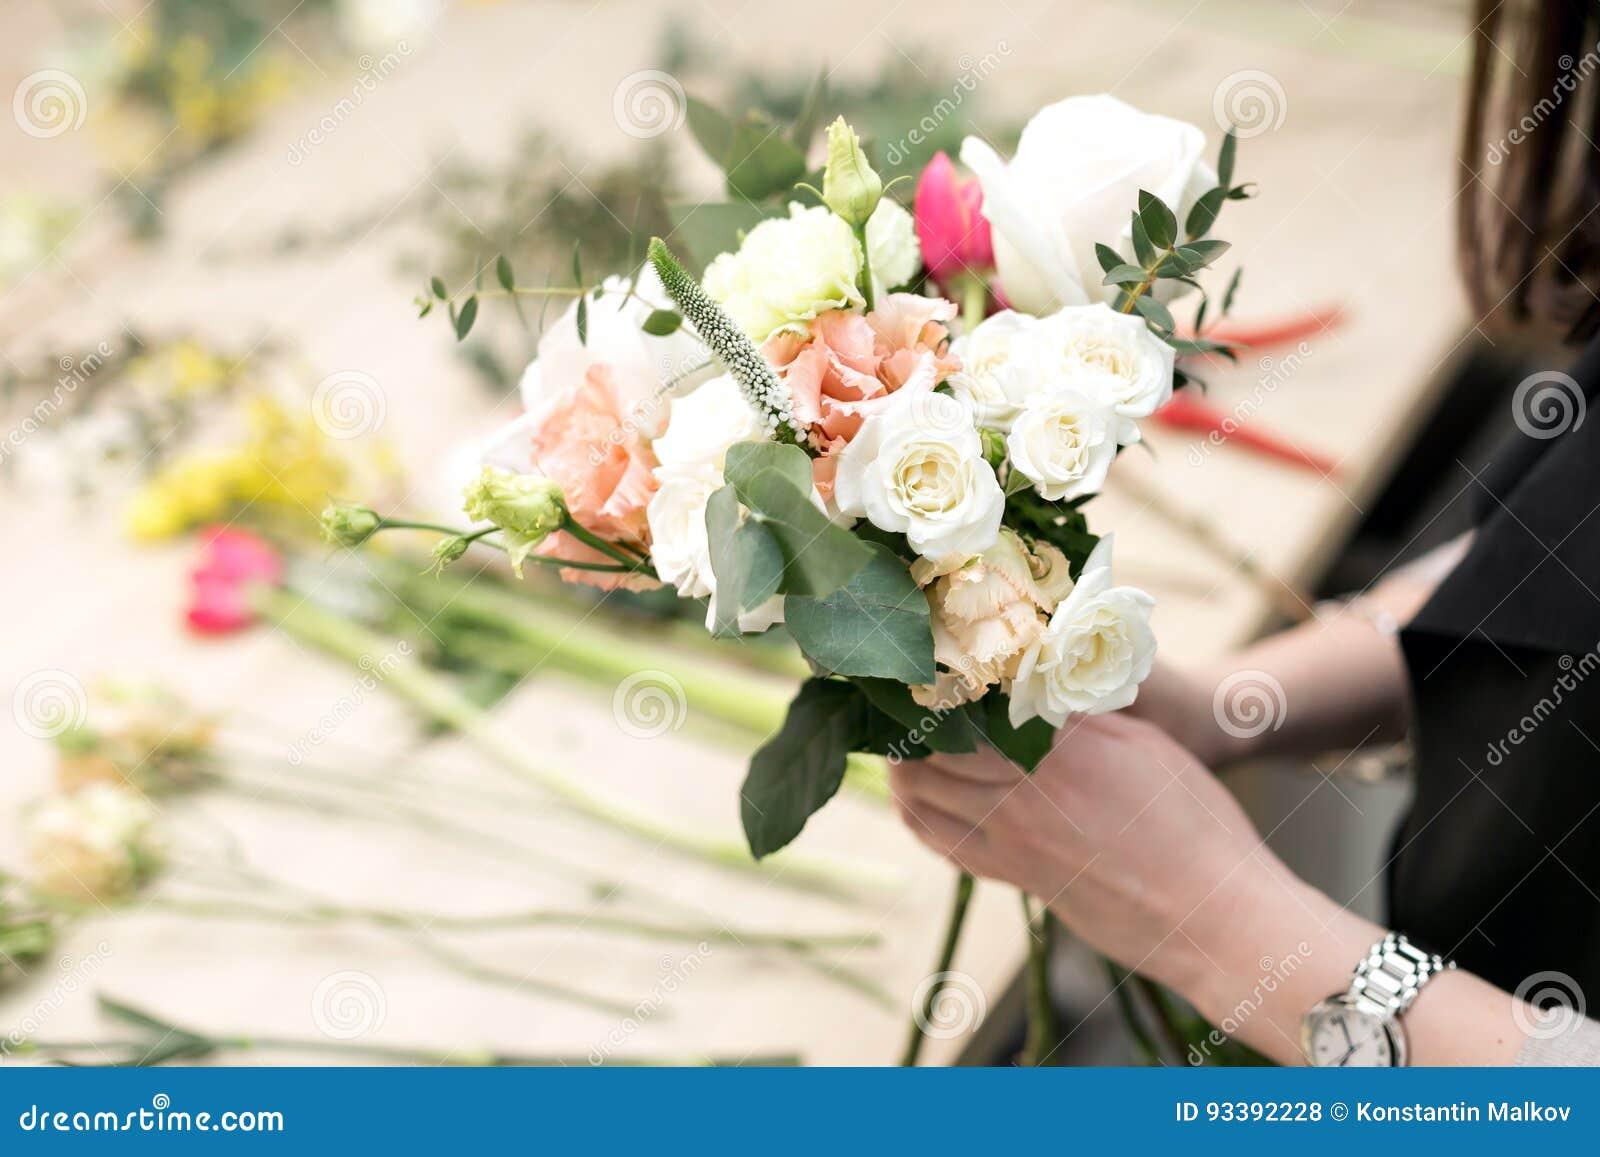 车间卖花人,做花束和花的布置 收集花的花束妇女 软绵绵地集中